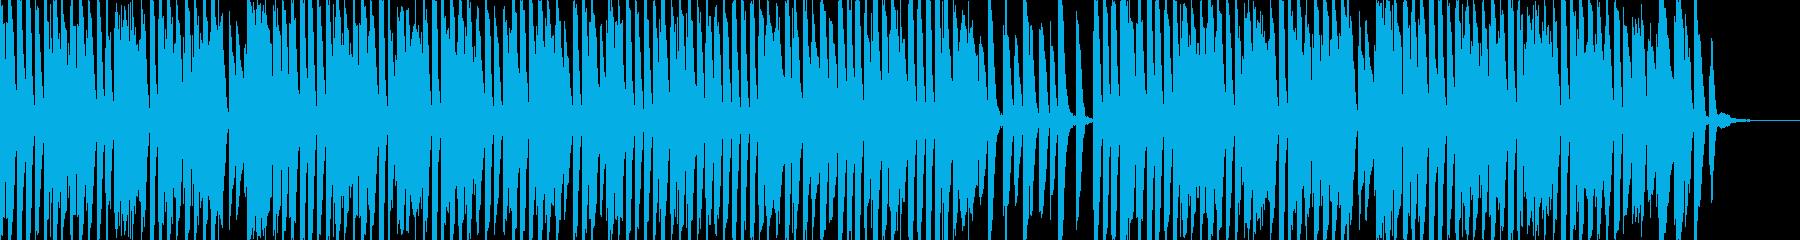 陽気で楽しいリズミカルなお洒落ピアノ曲の再生済みの波形